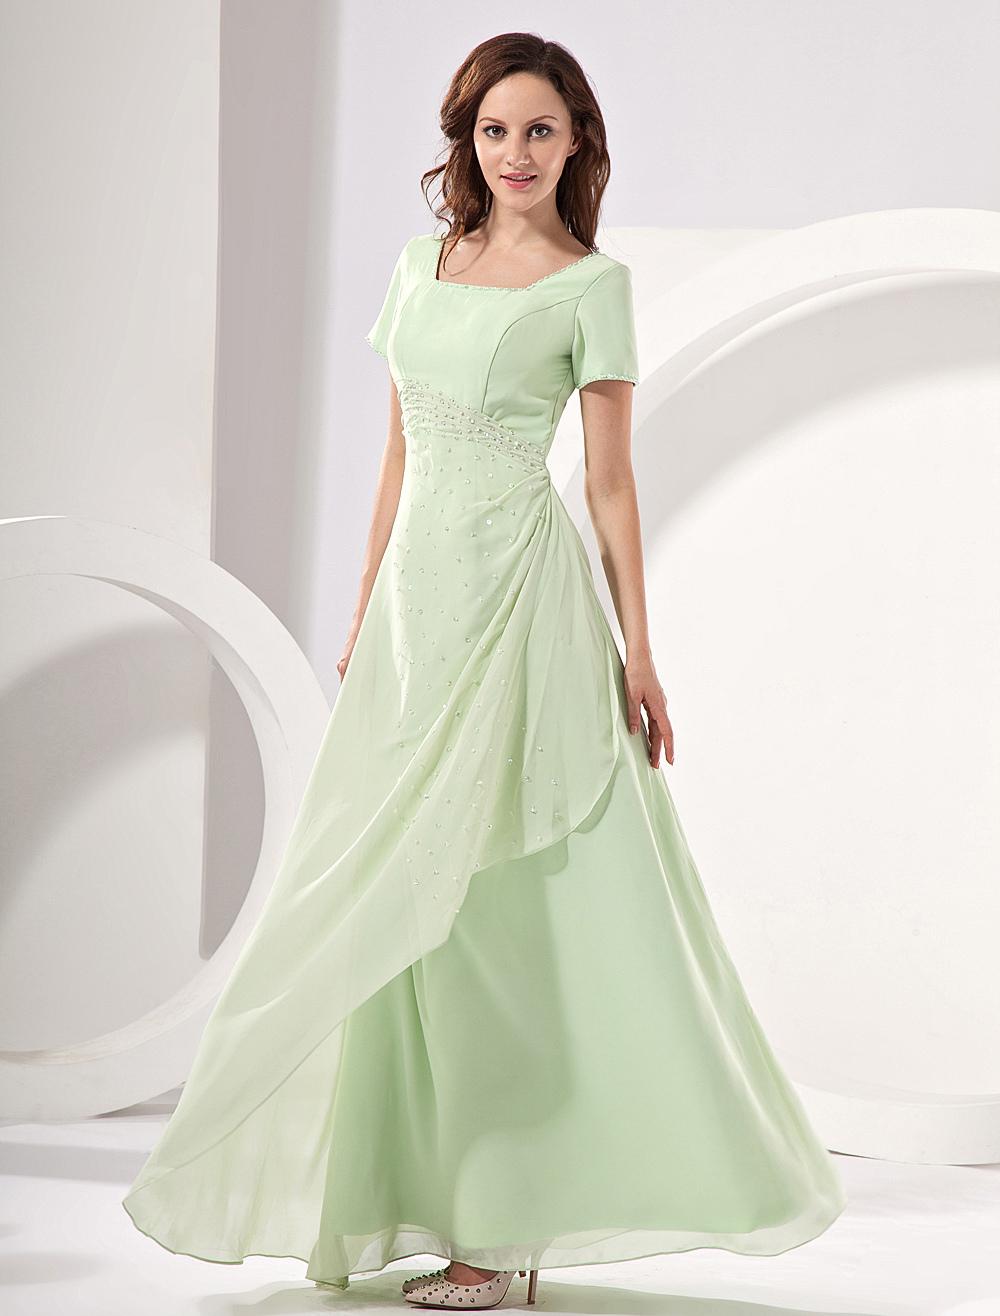 Chiffon Mother's Dress Pastel Green Sequin A Line Floor Length Prom Dress Wedding Guest Dress